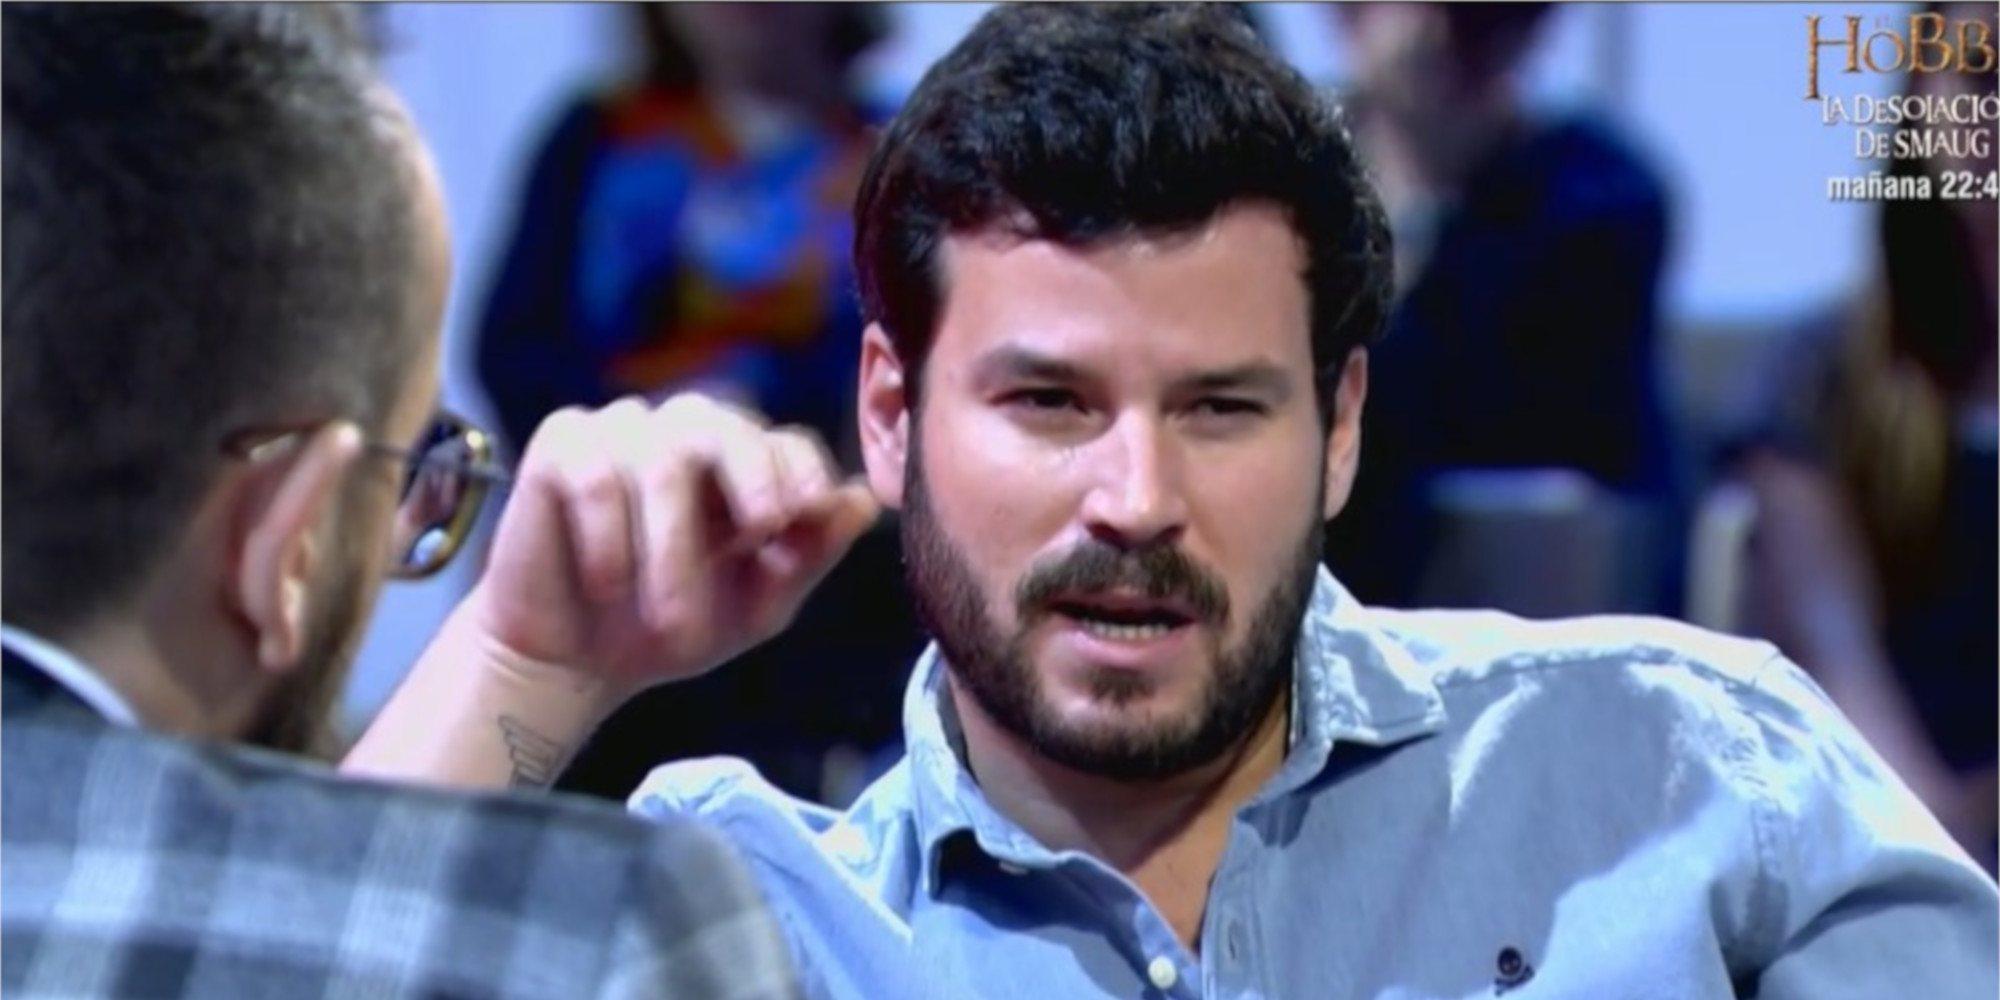 """Willy Bárcenas arremete contra el PP en 'Chester': """"Quedan muchas cosas por salir y espero que caigan todos"""""""